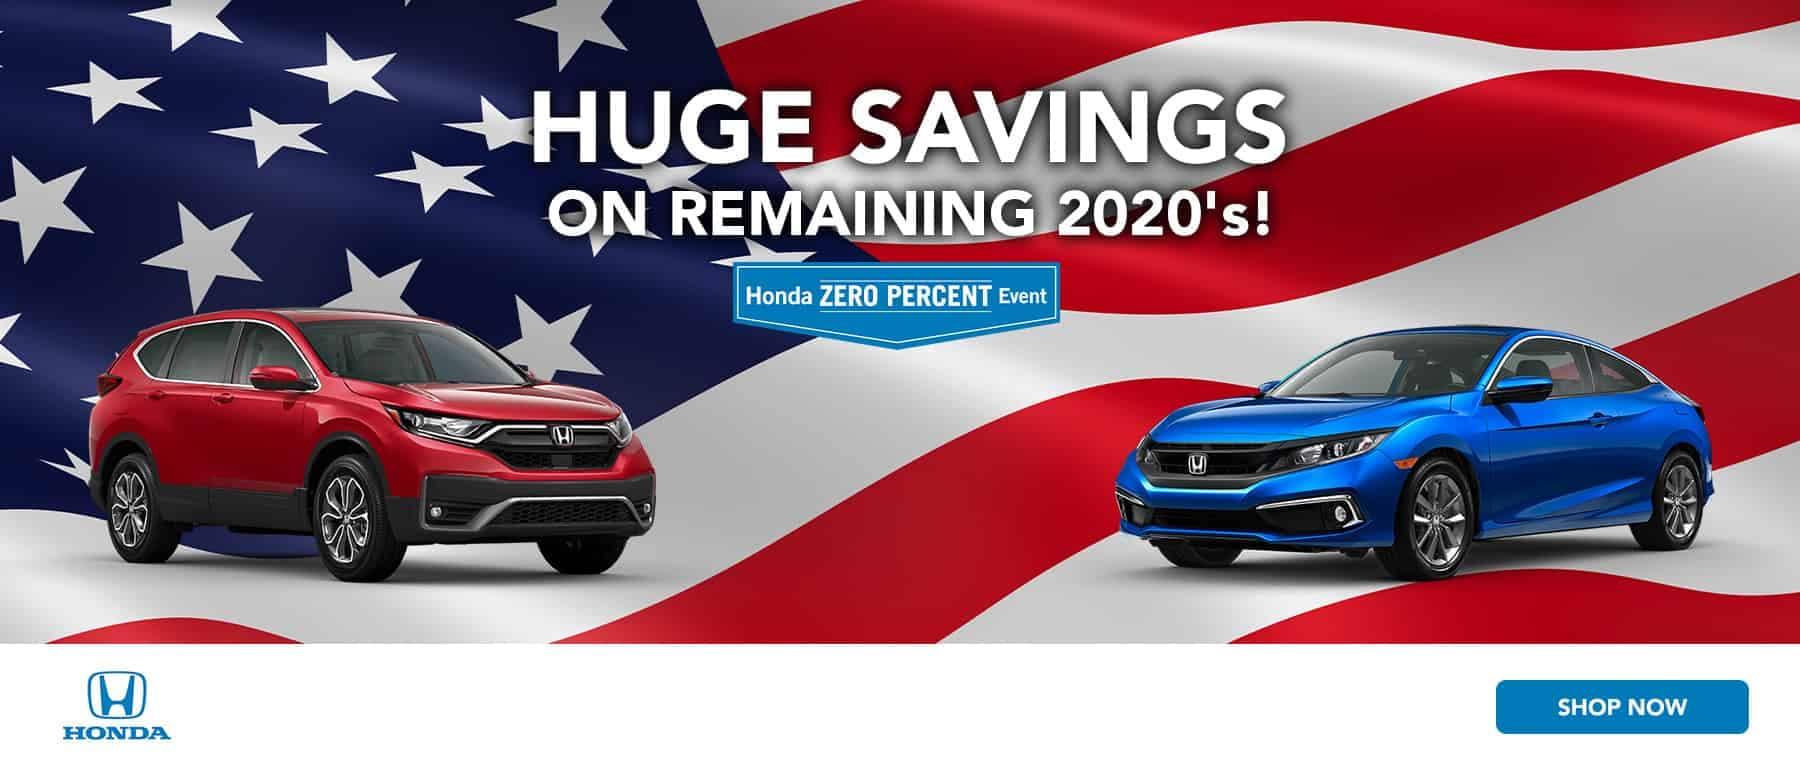 FINAL-Huge-savings-2020s 2